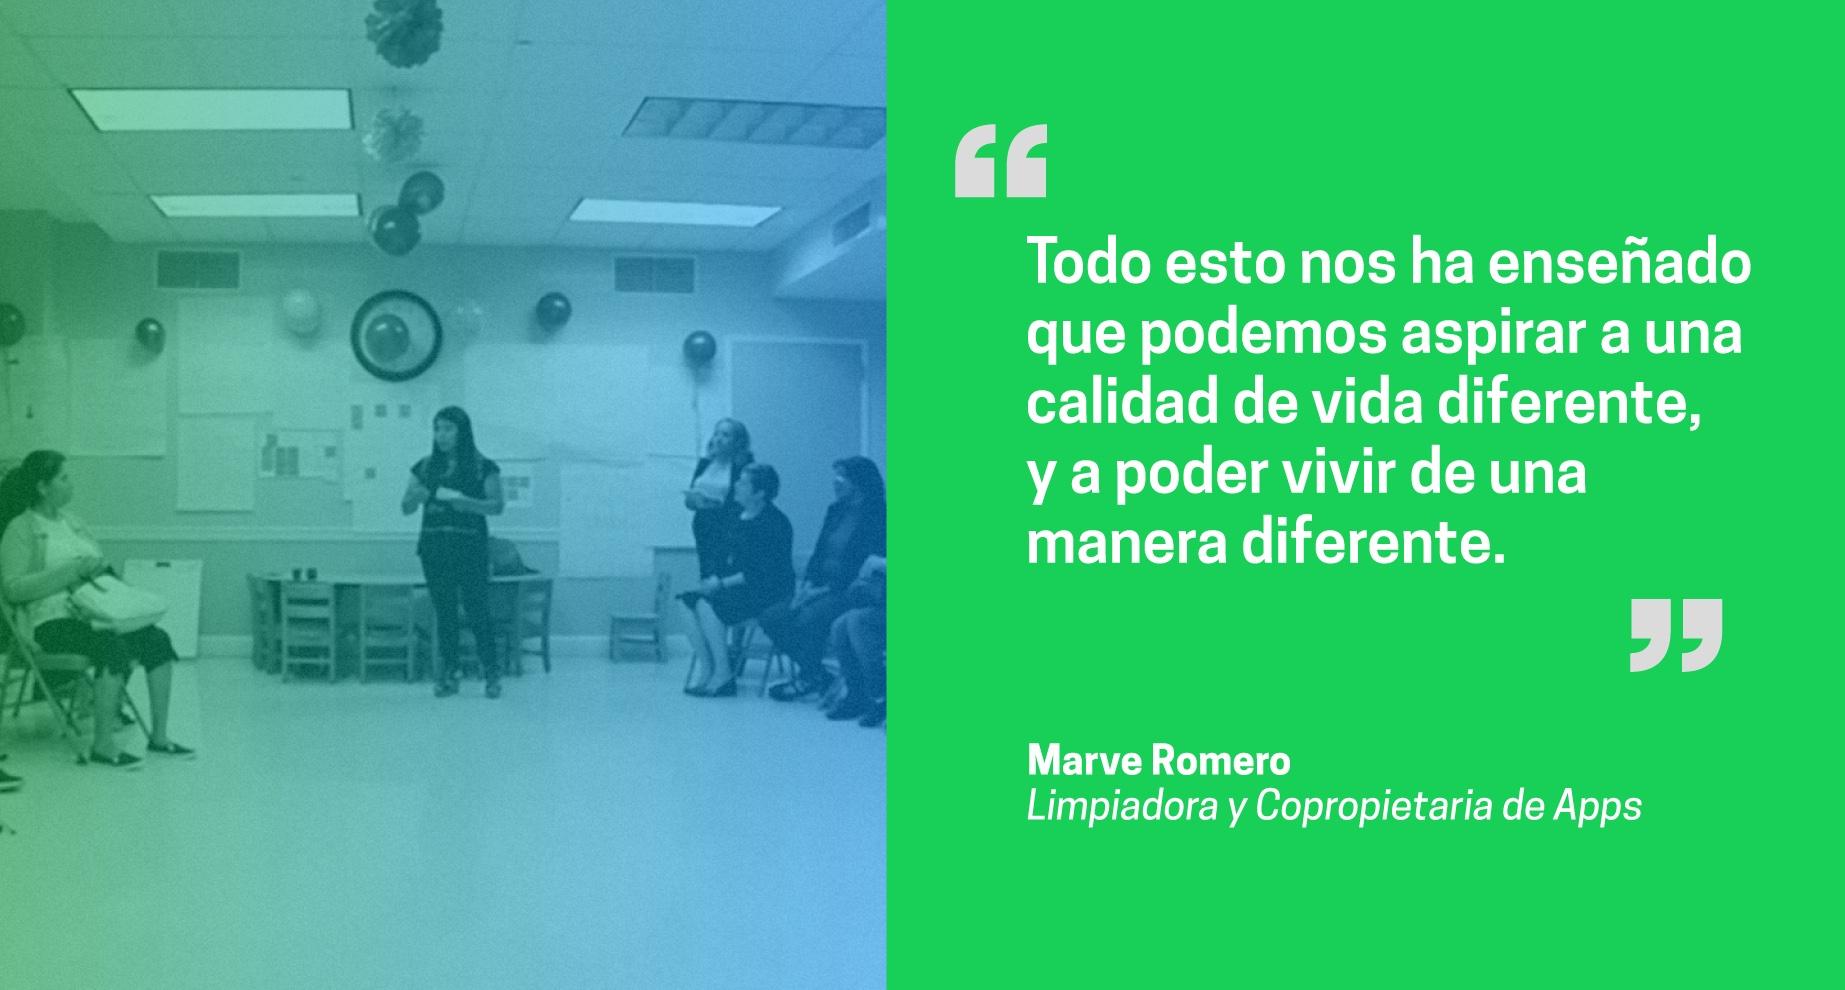 Una foto de Marve y una cita, Todo esto nos ha enseñado que podemos aspirar a una calidad de vida diferente, y a poder vivir de una manera diferente.